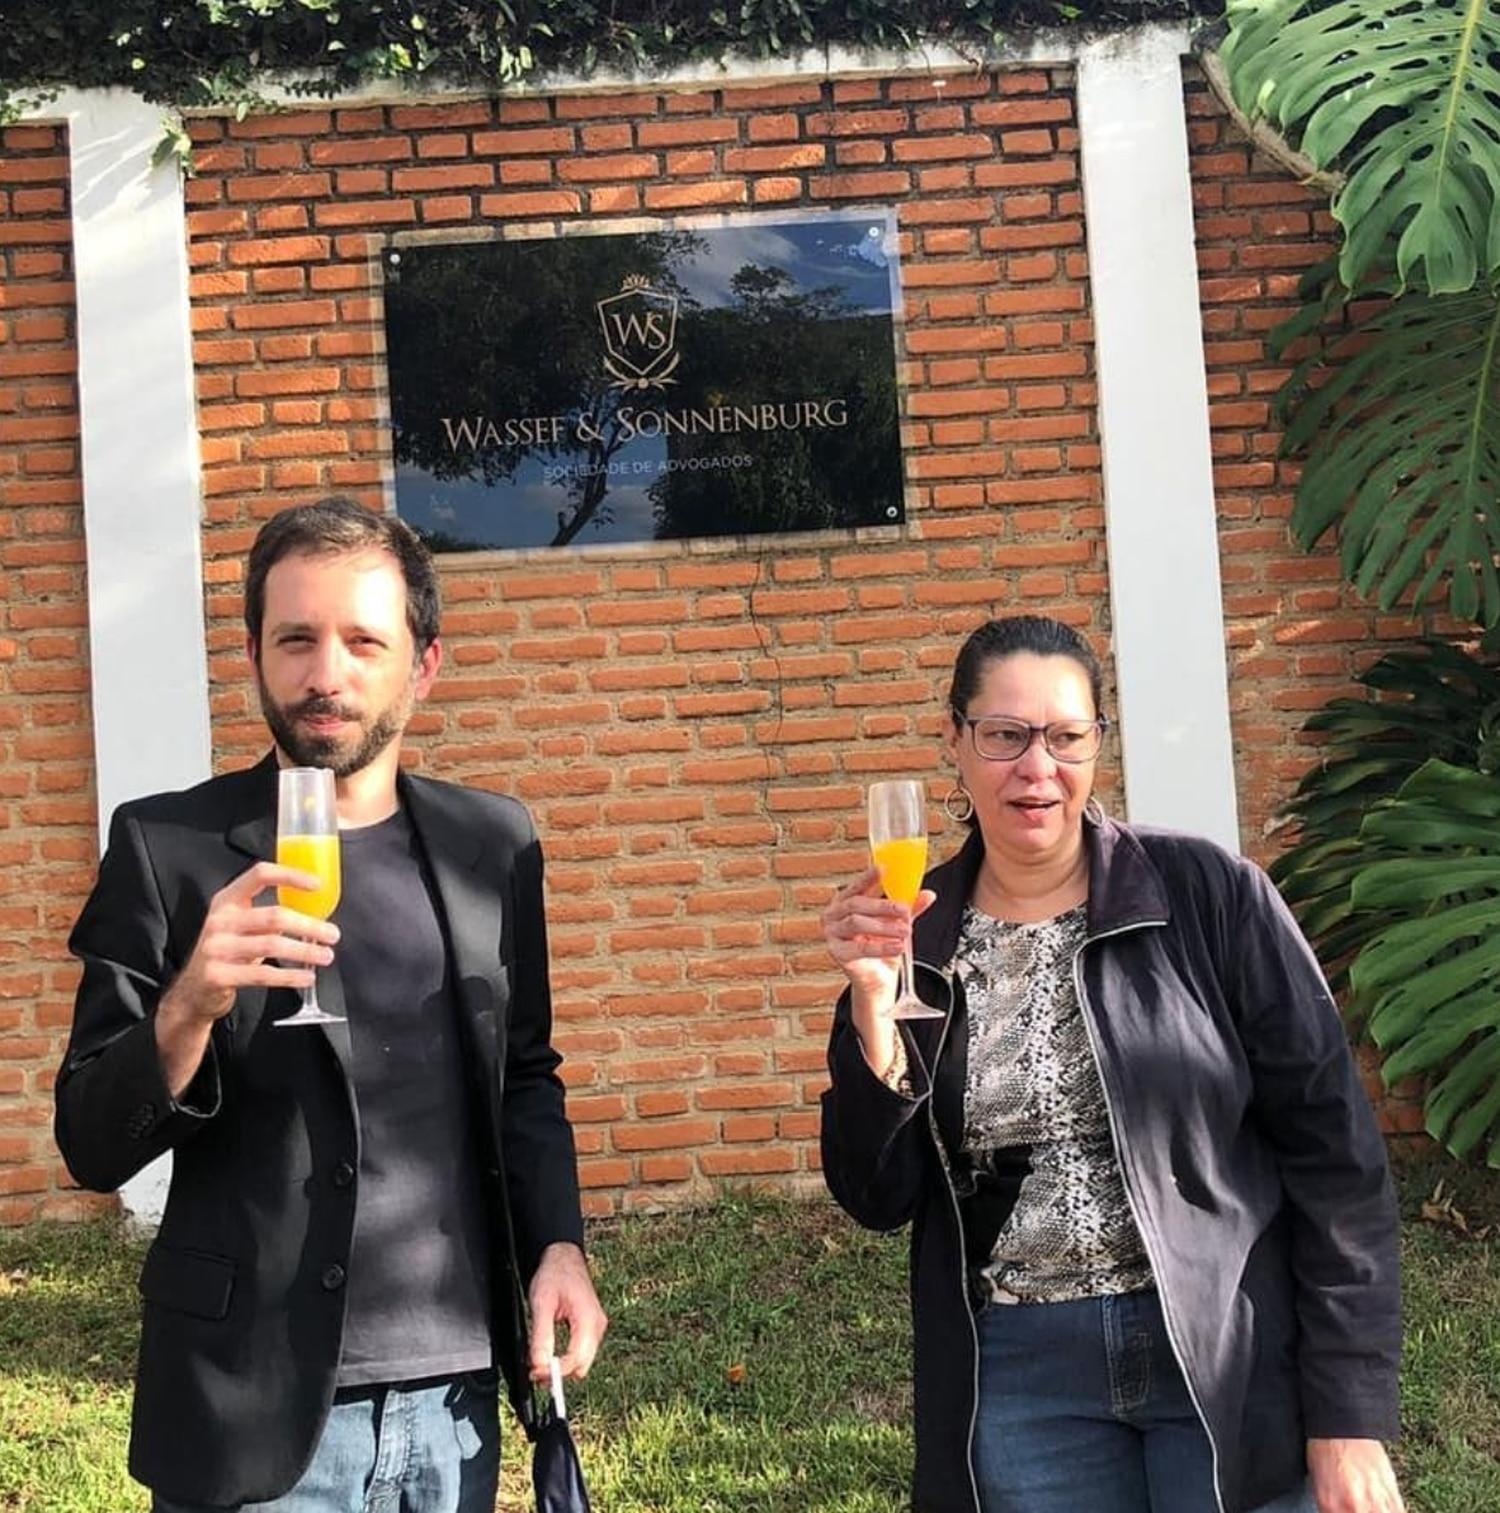 Em foto publicada no Instagram, Heloísa de Carvalho, filha de Olavo de Carvalho, celebra com o amigo Bruno Todd a prisão de Queiroz.